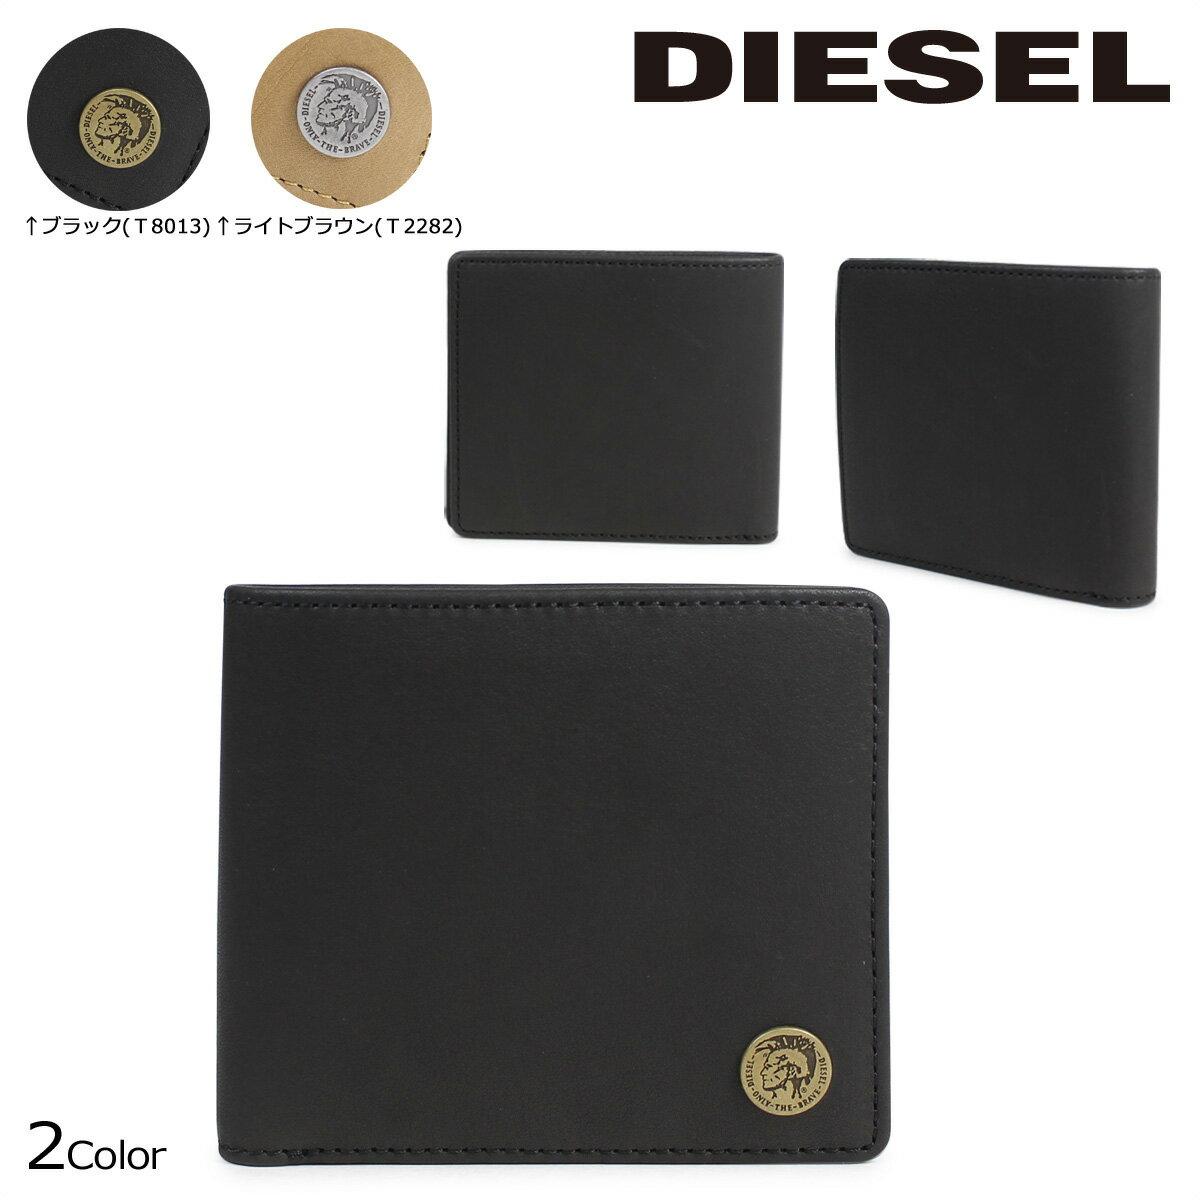 DIESEL HIRESH S X04373 PR013 財布 メンズ ディーゼル 二つ折り 2カラー [1/16 追加入荷]